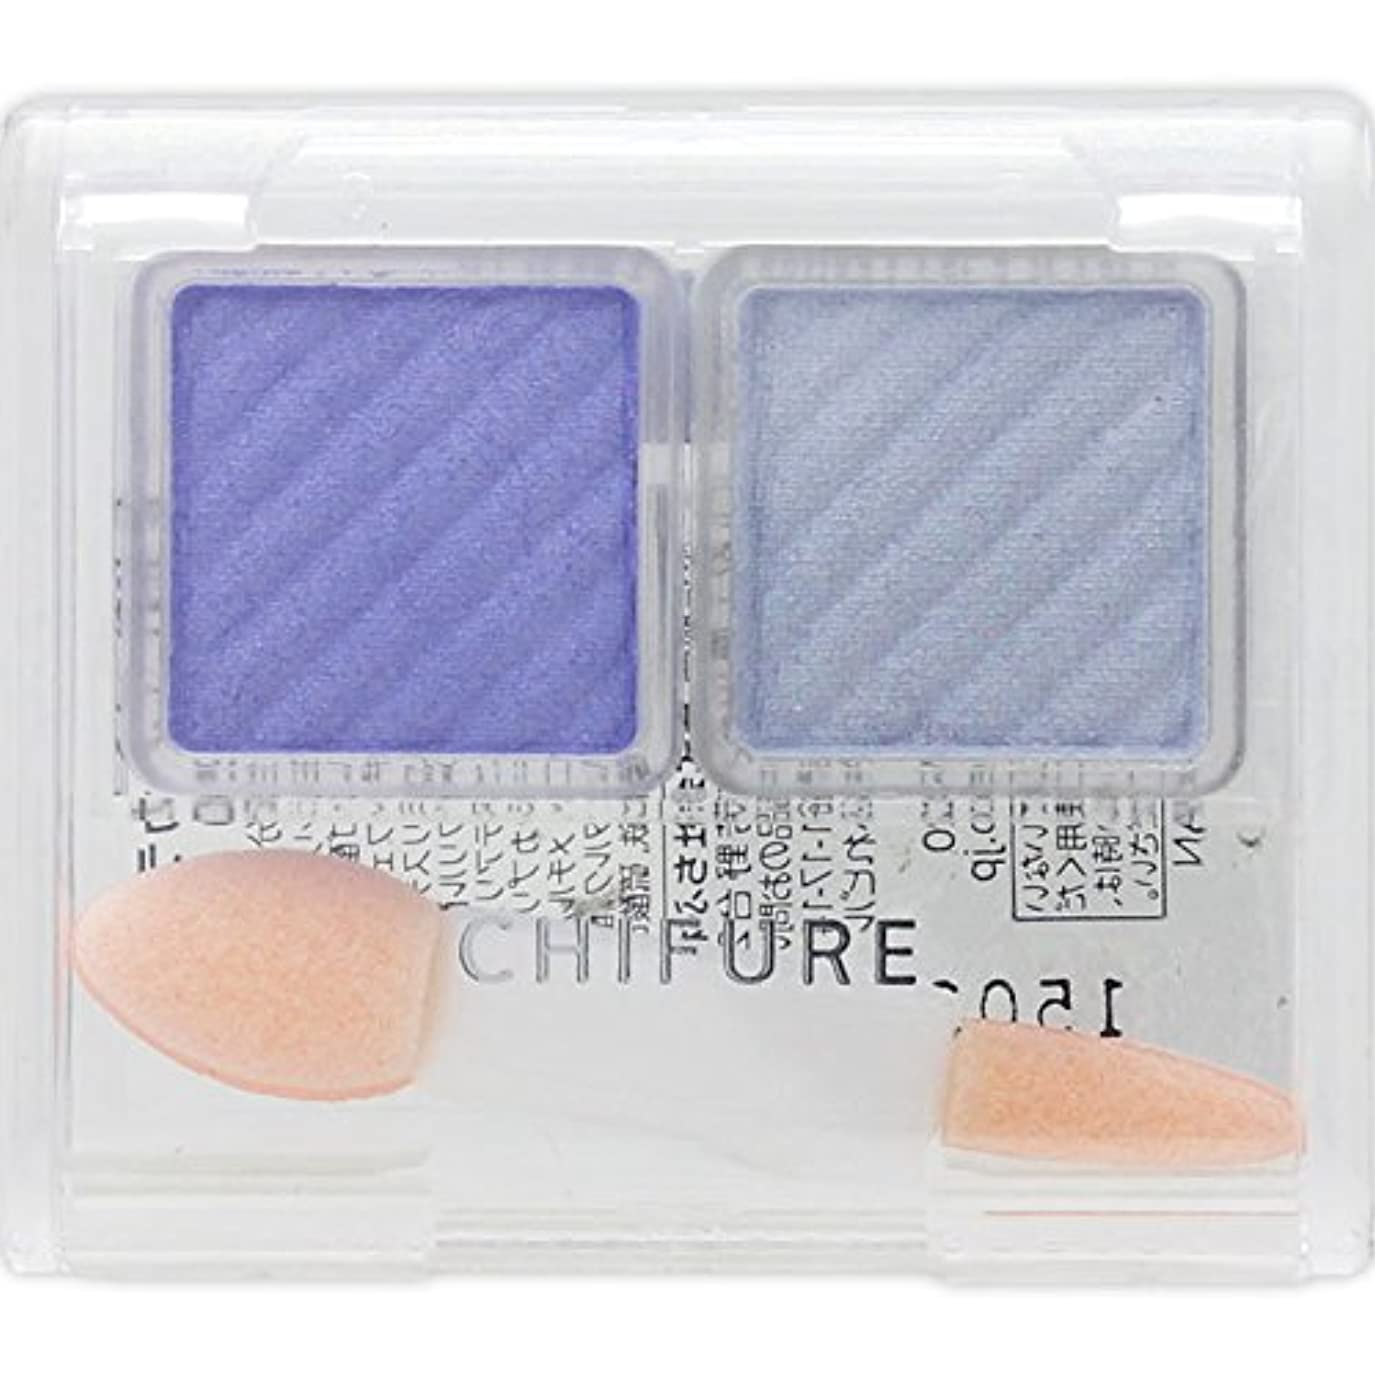 エンゲージメントとはねかけるちふれ化粧品 アイ カラー(チップ付) アクアブルー 90番